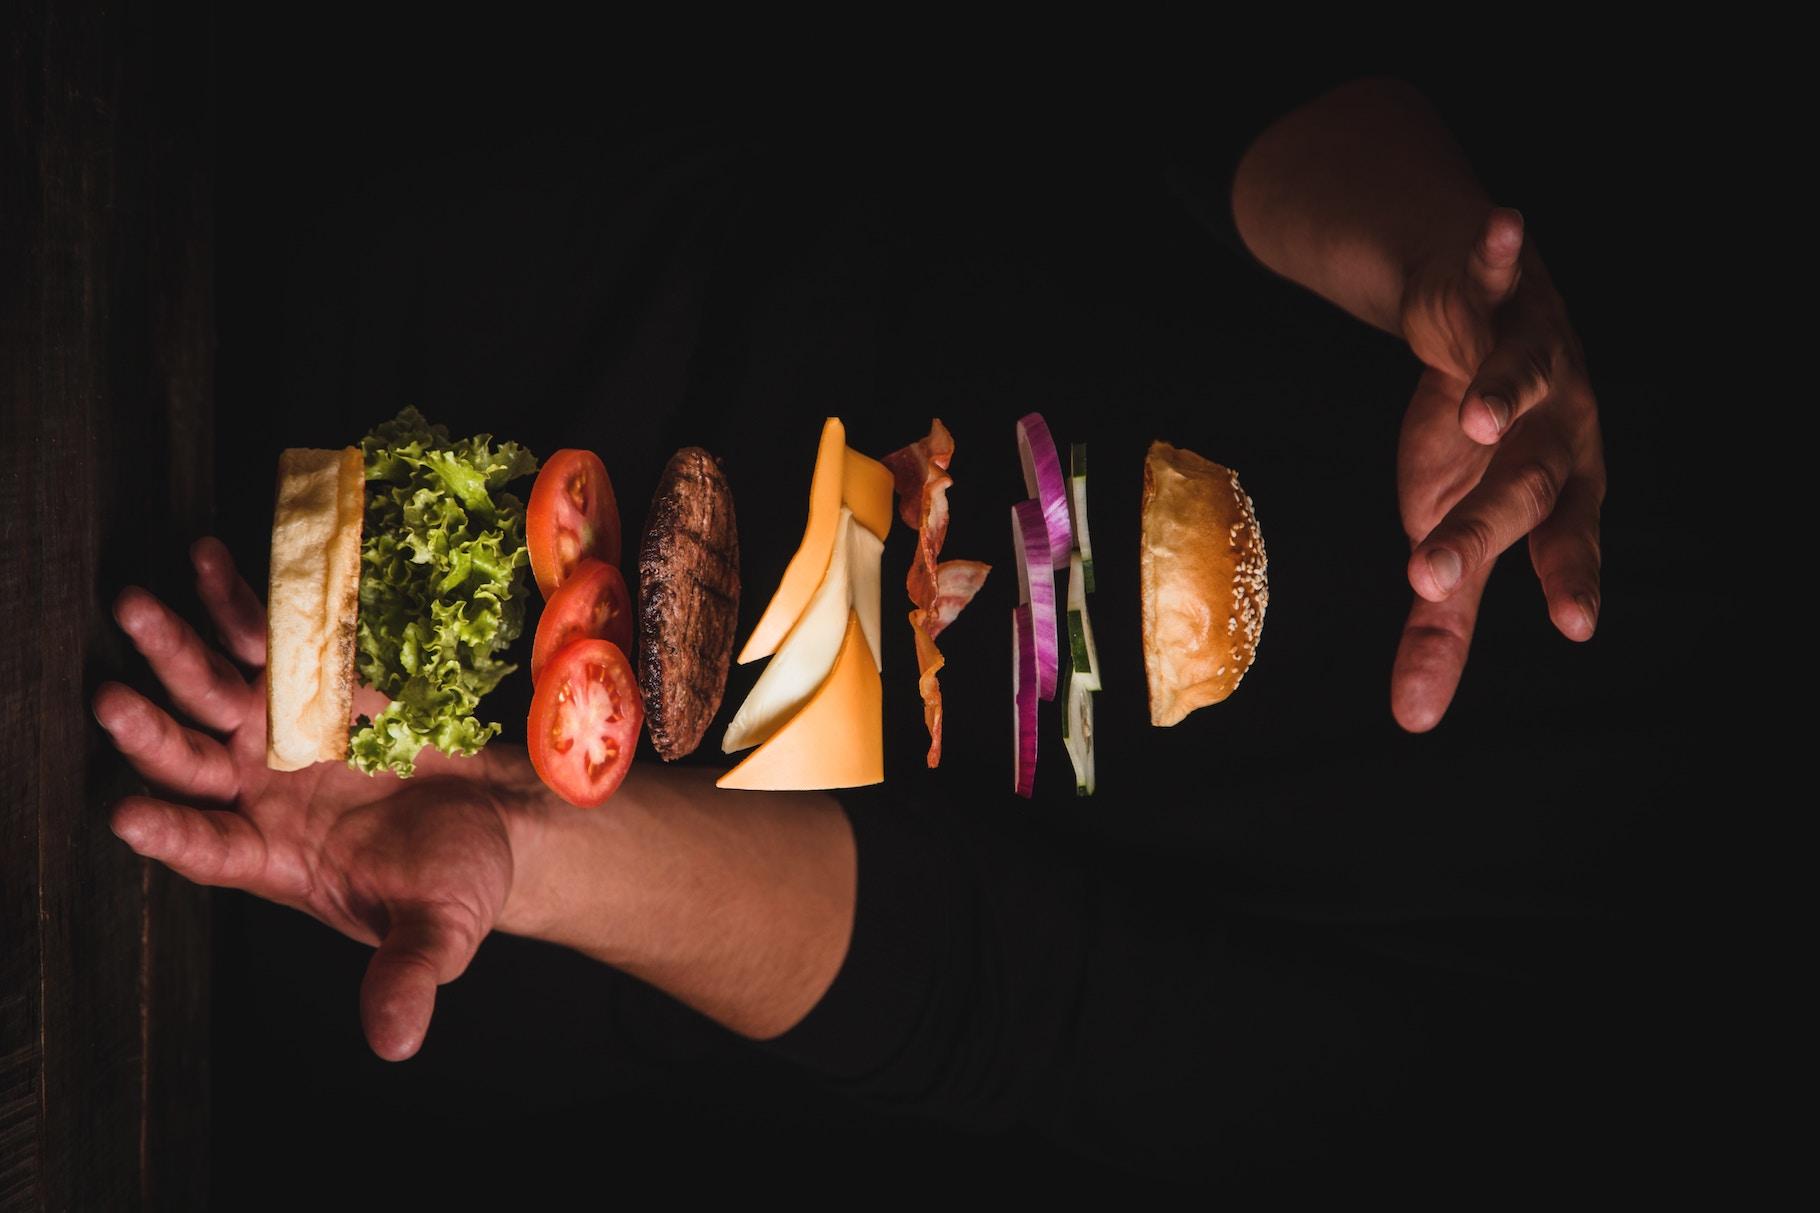 Їжа з майбутнього: Як врятувати планету і не загинути з голоду